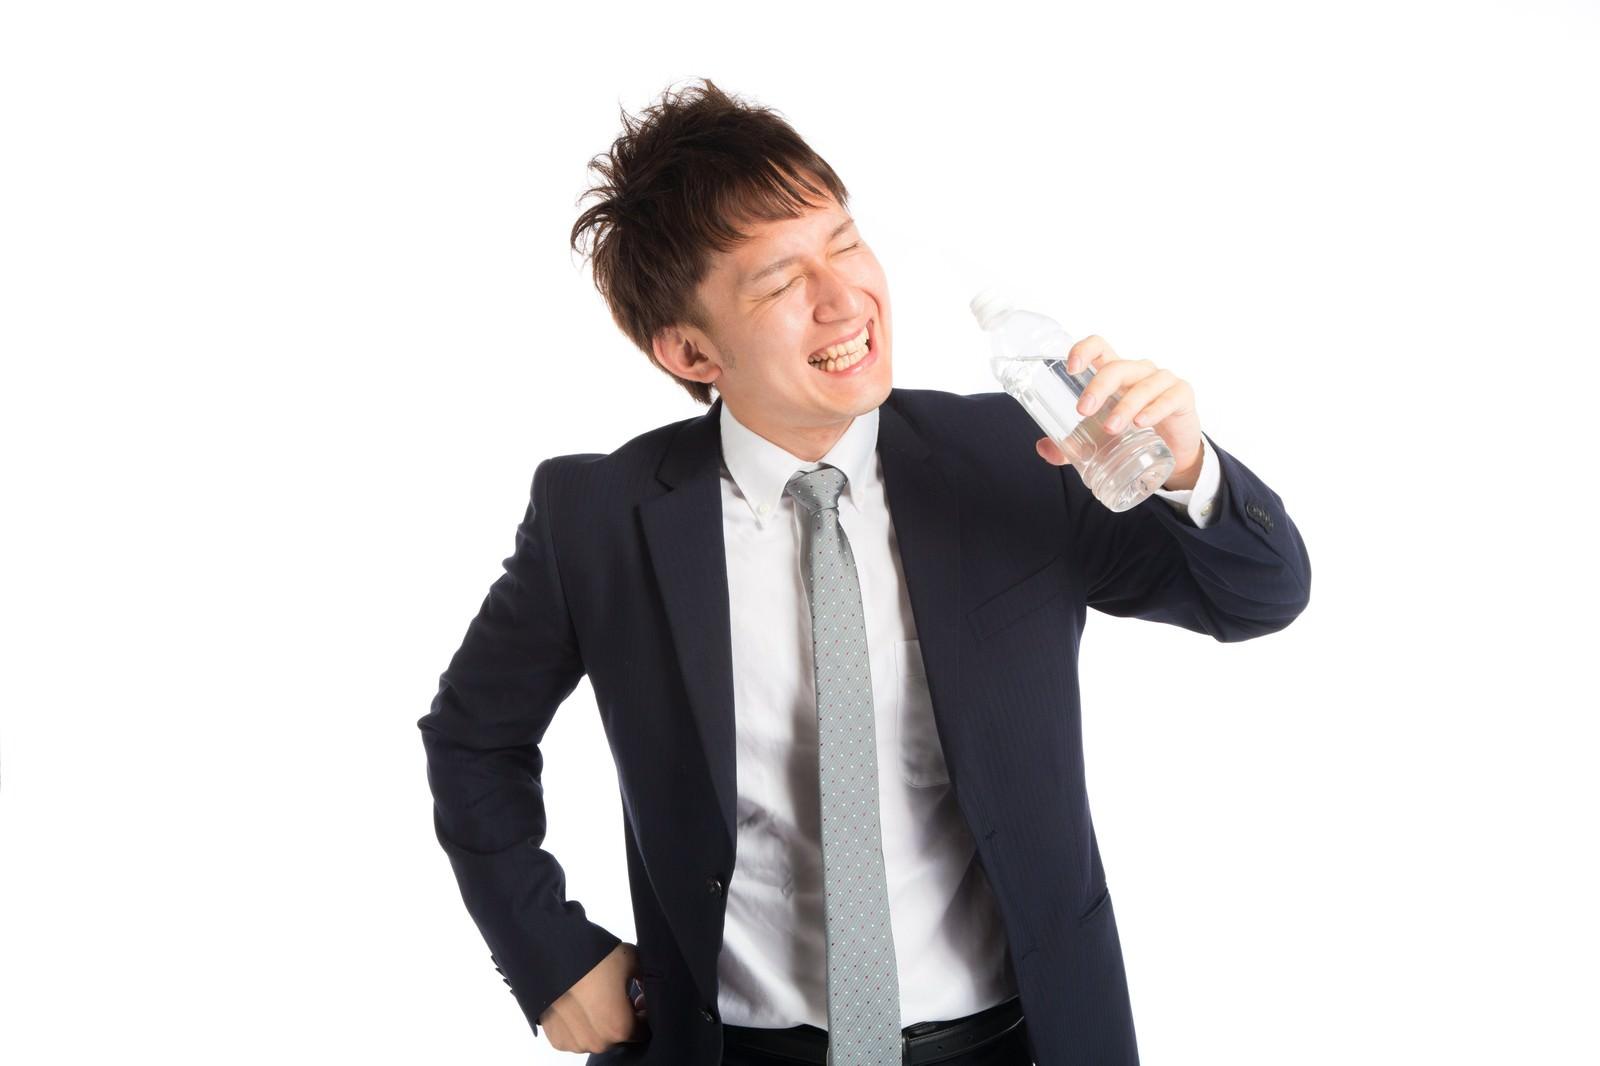 「「プハー!」暑さの中、水分補給をする会社員「プハー!」暑さの中、水分補給をする会社員」のフリー写真素材を拡大